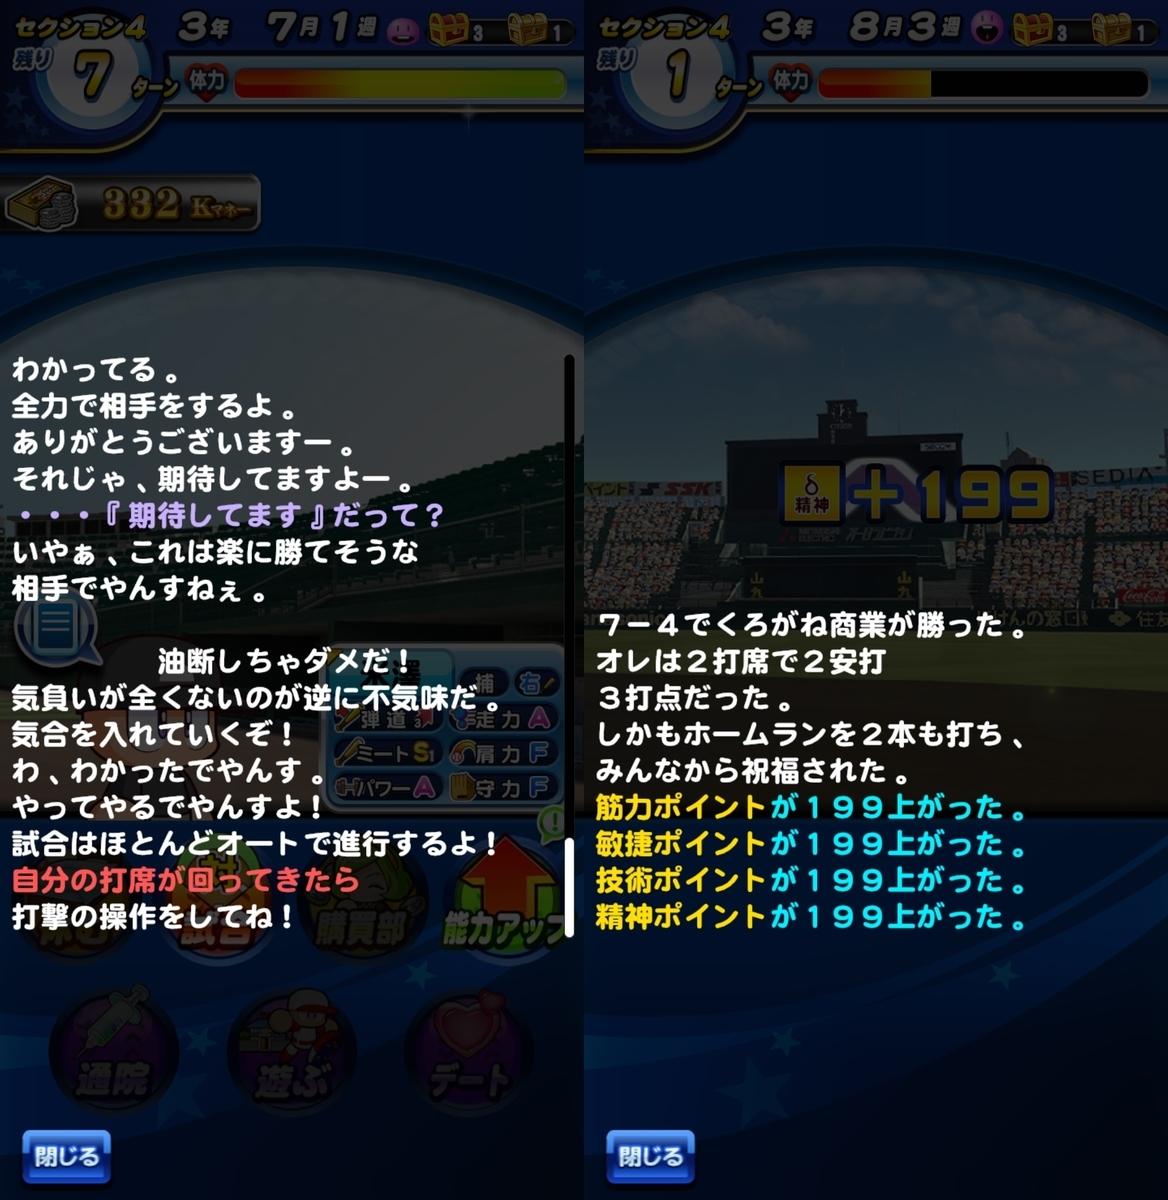 f:id:arimurasaji:20201031091130j:plain